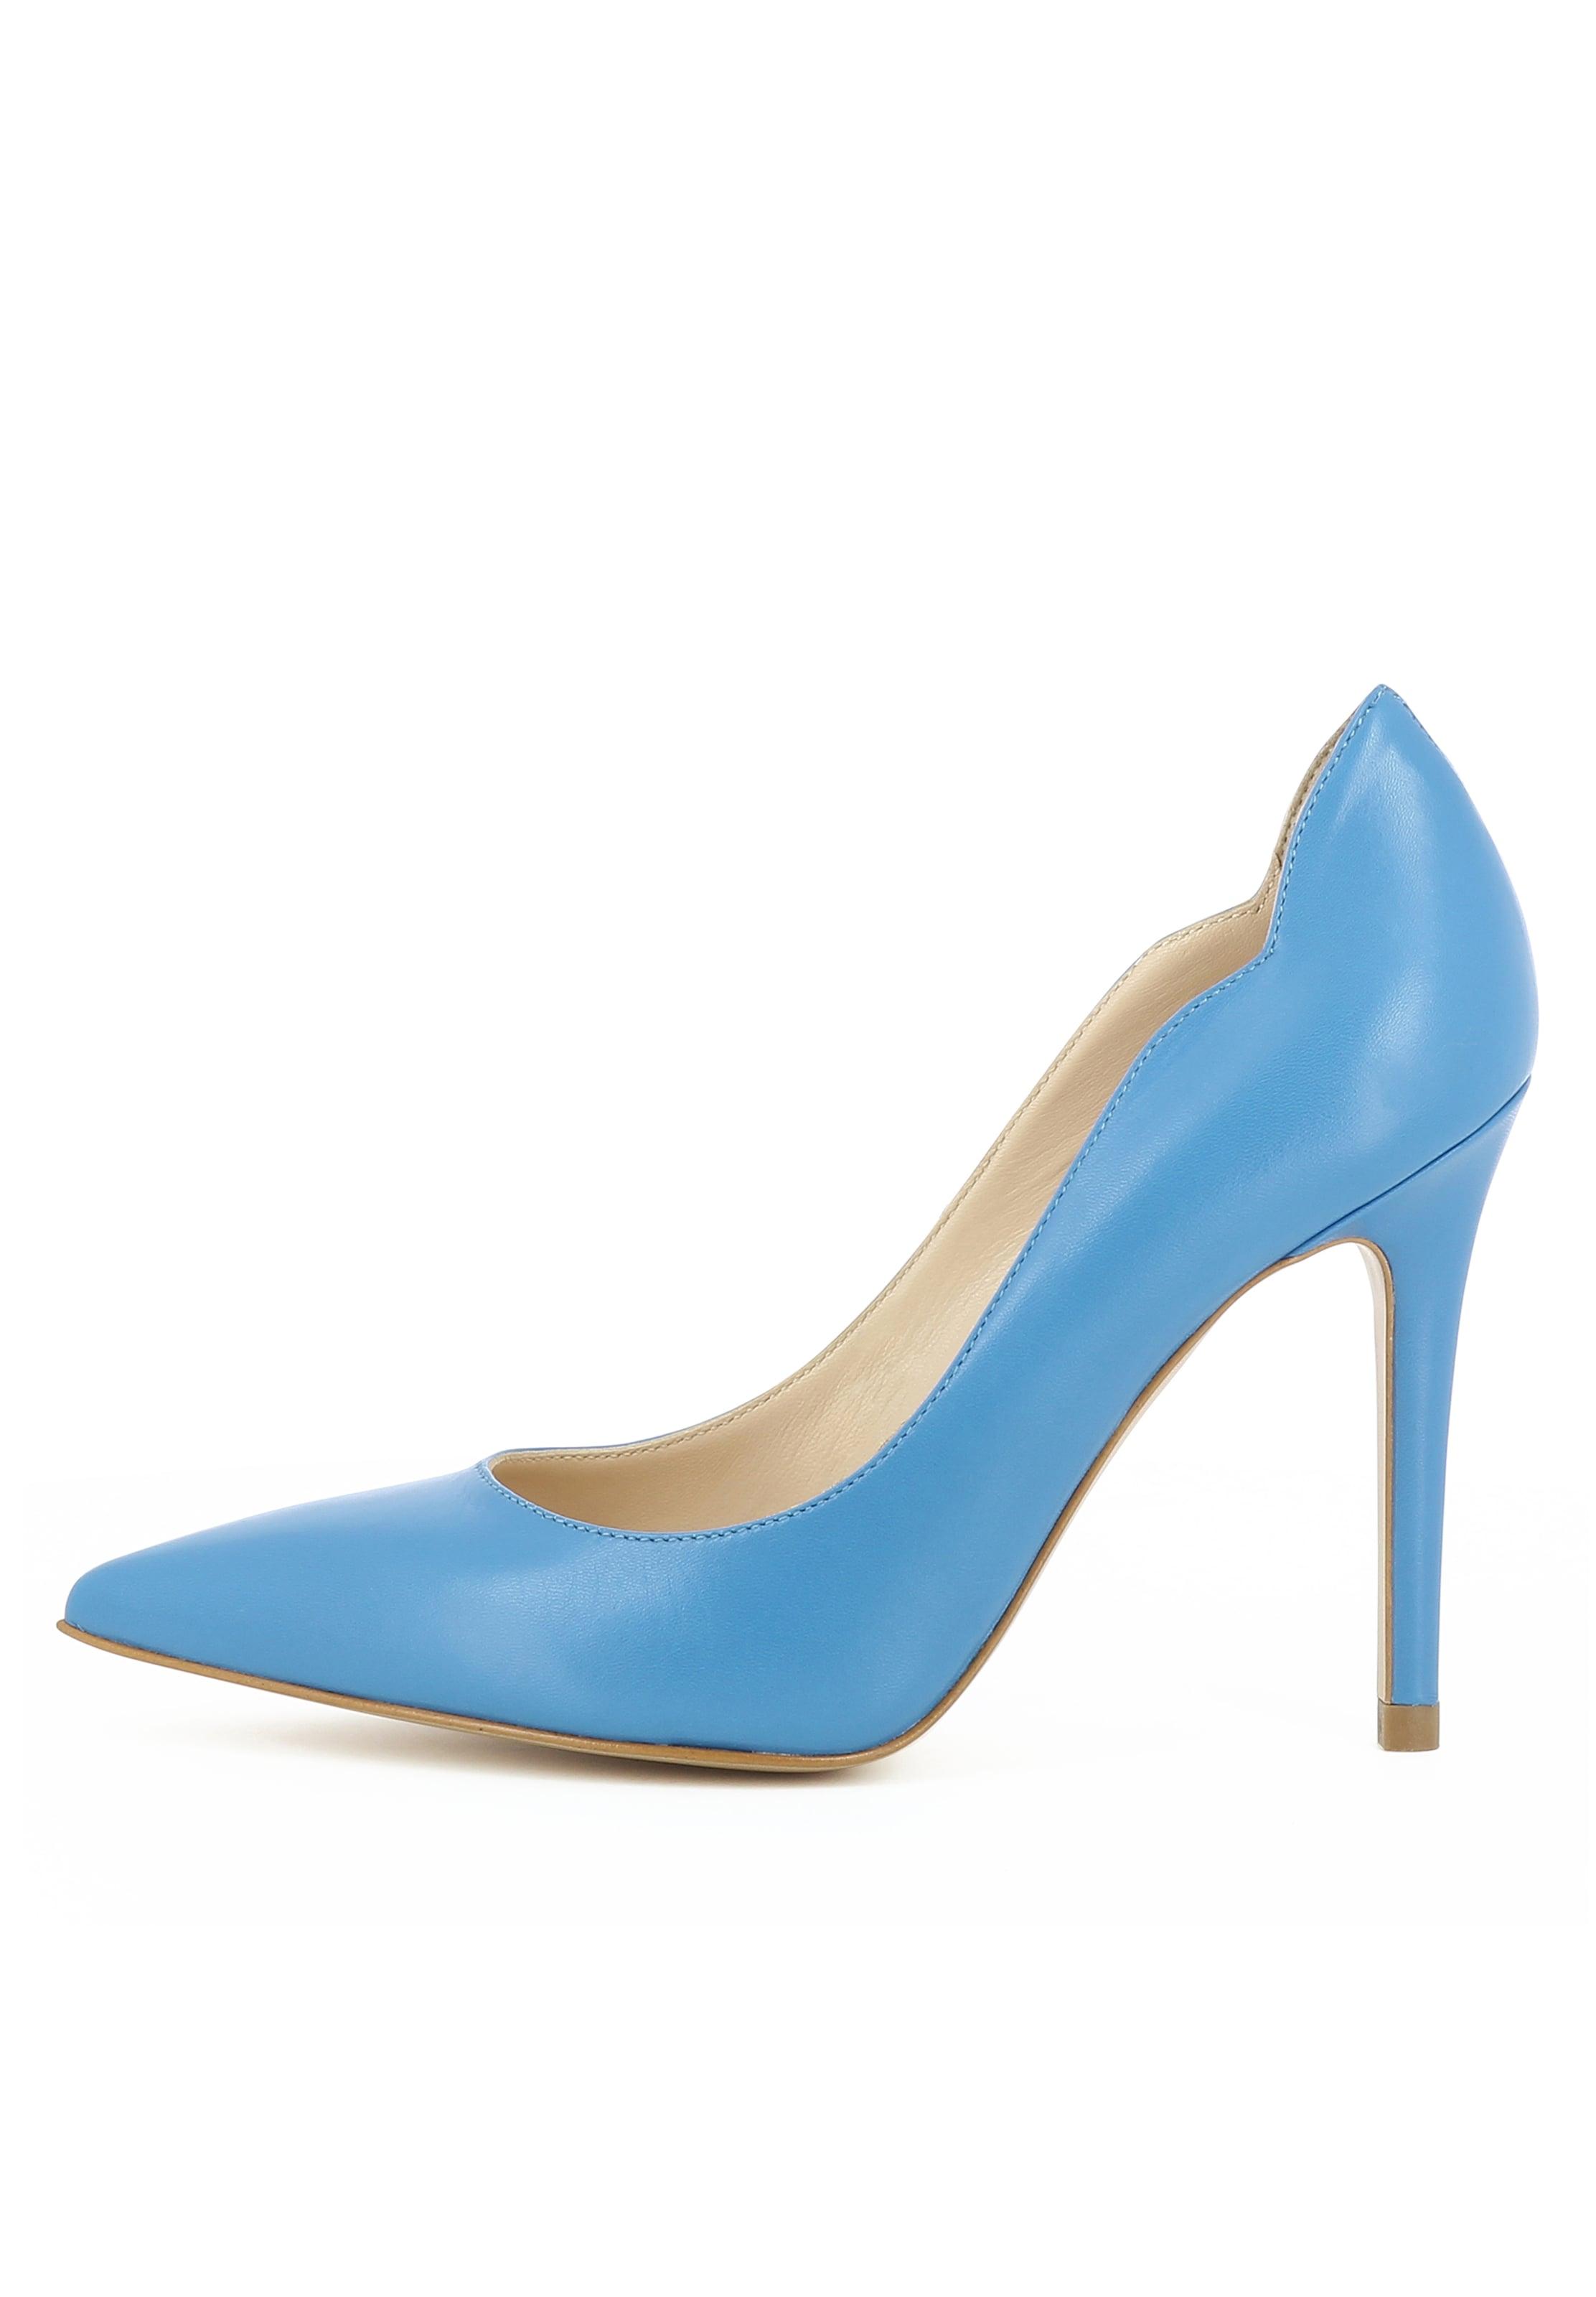 Bleu Escarpins Bleu Evita En 'alina' En Escarpins 'alina' Evita 4Rj5AL